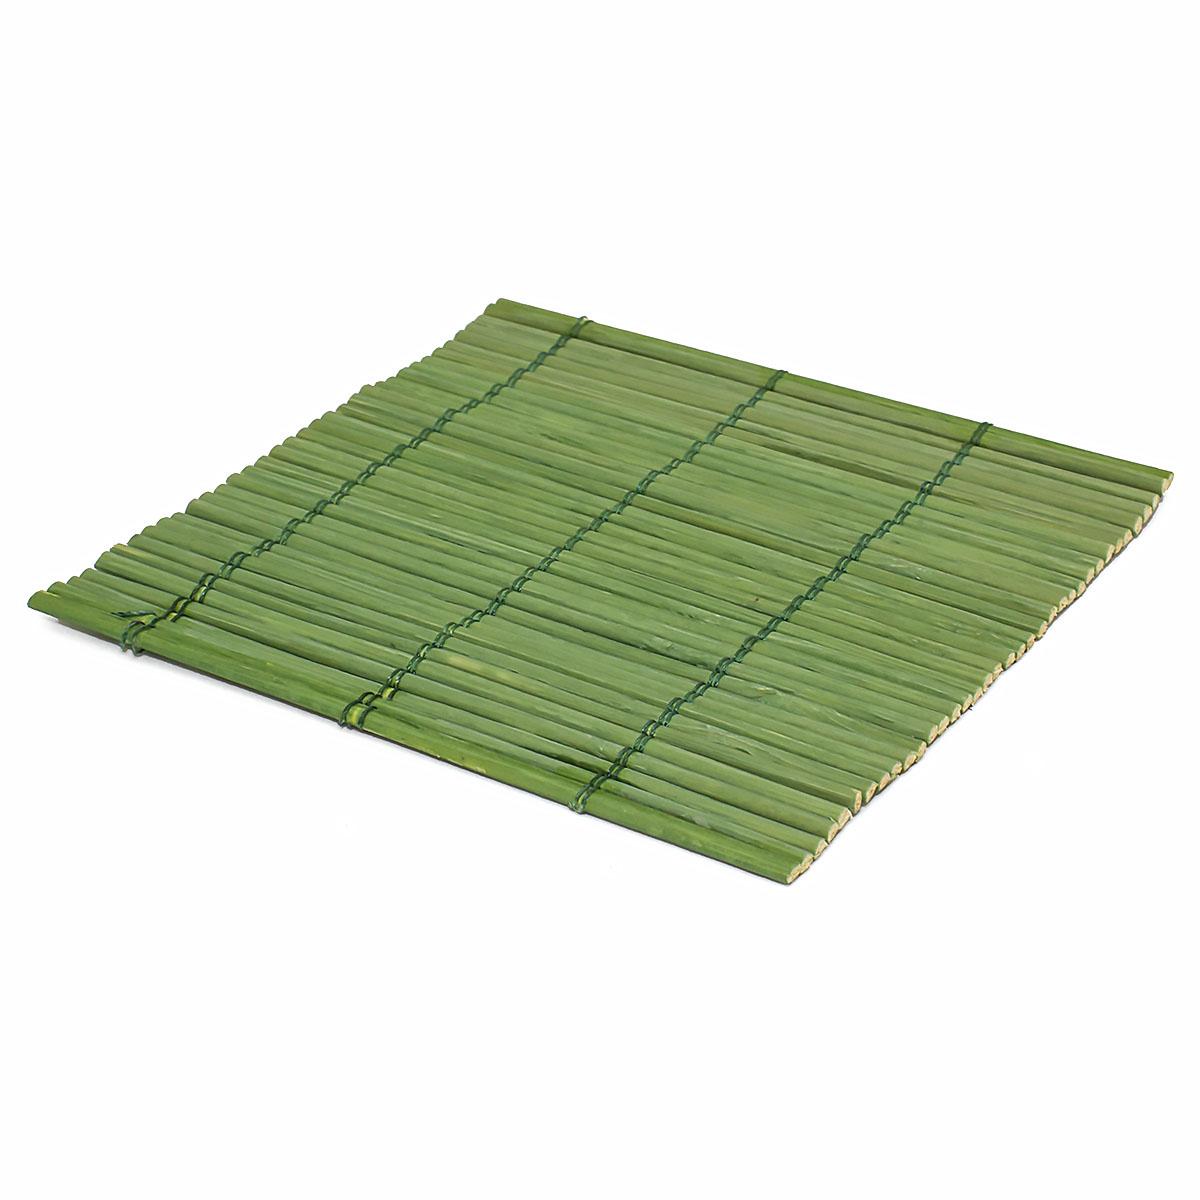 Набор чайных циновок (бамбук), зеленые, 10 х 10 см, 5 шт/упак